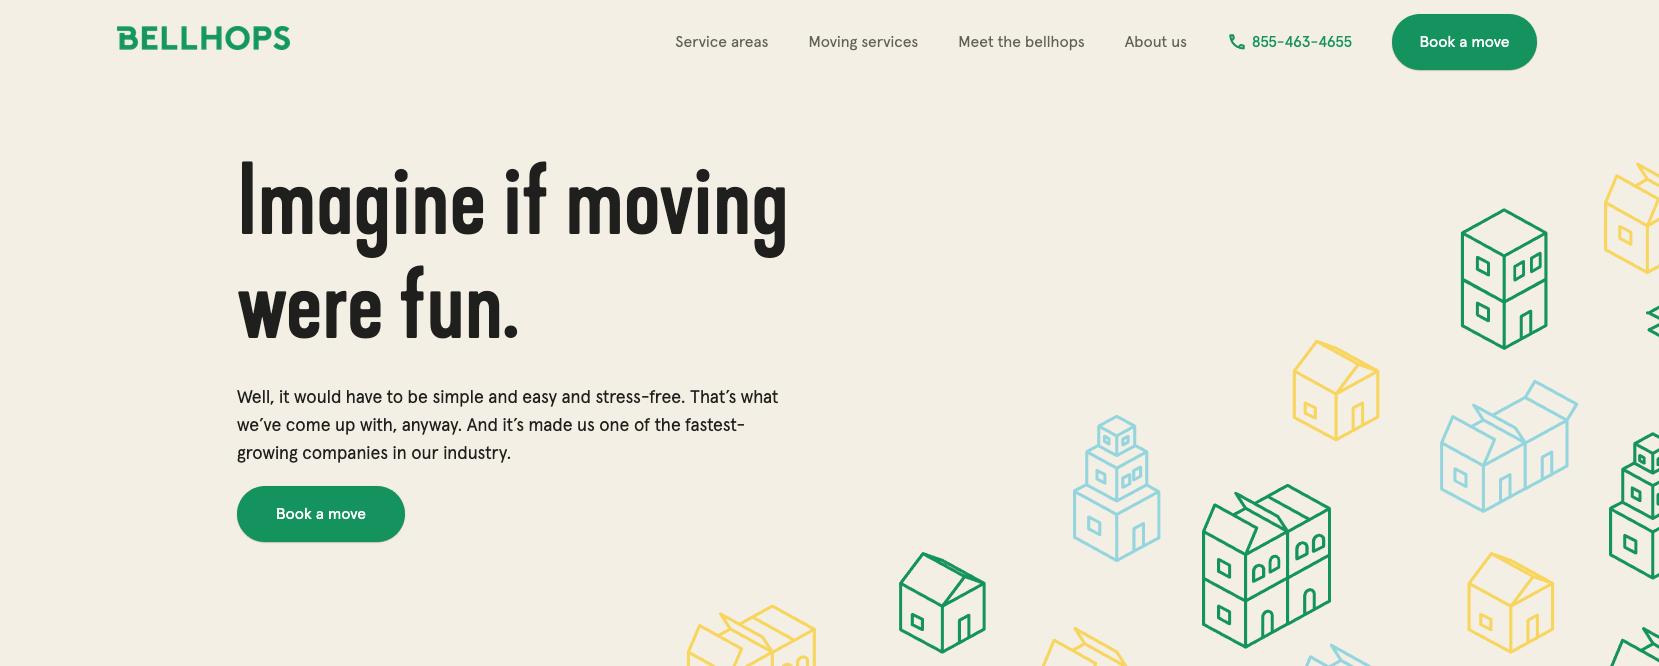 bellhops_branding_homepage